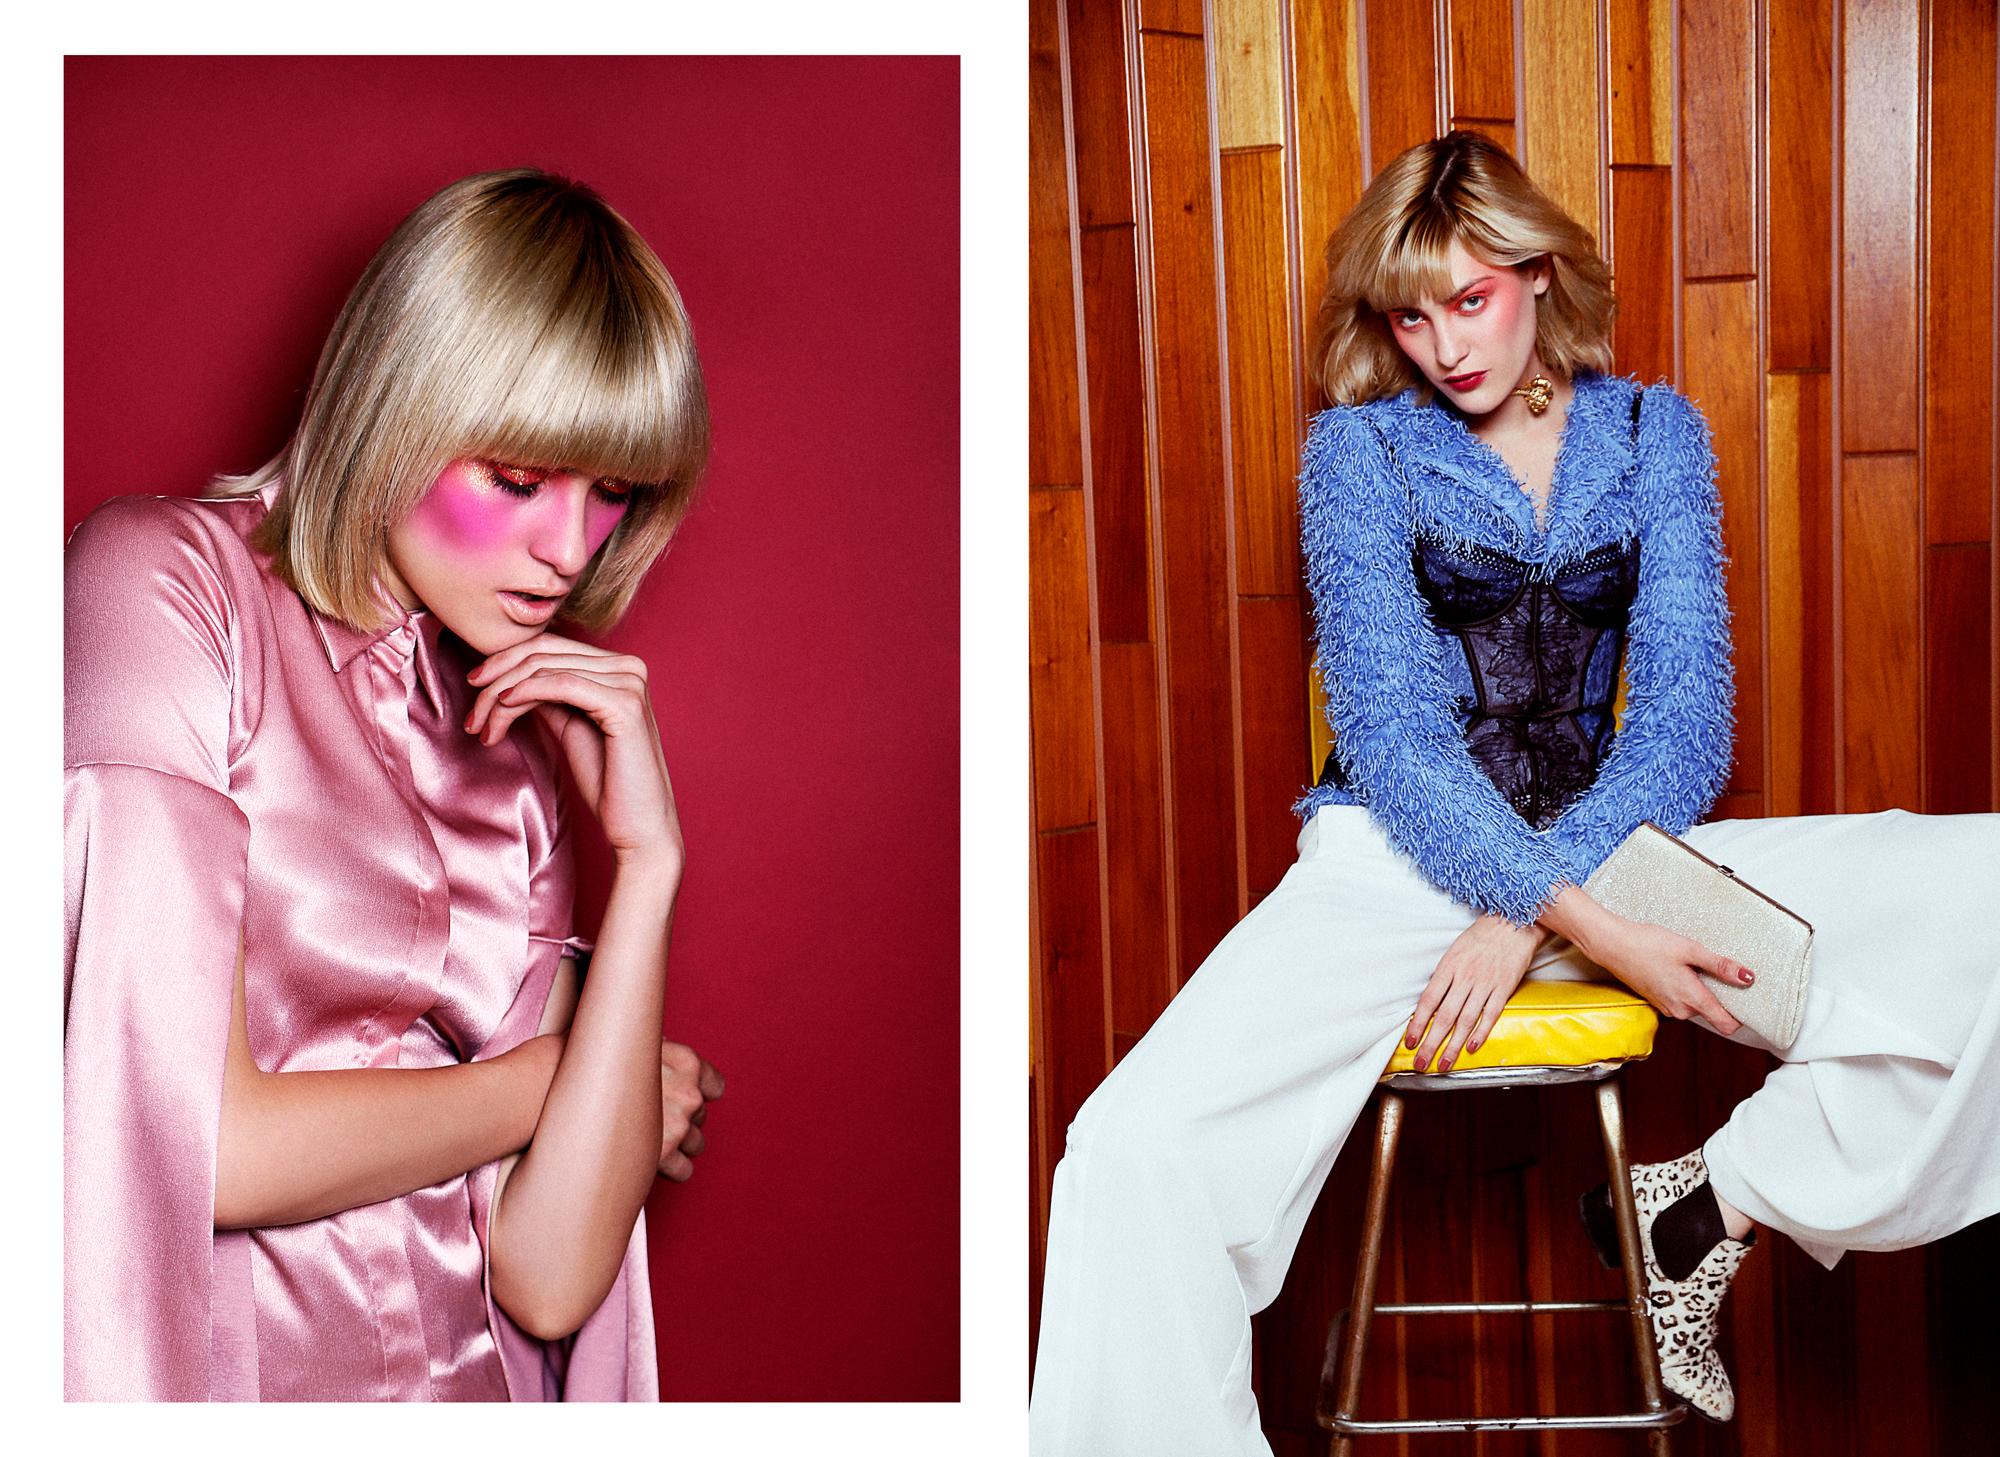 Pink Blouse : Gregorio Cayetano  R ight //  Suerter : Pink Magnolia /  Corset:  Calvin Klein /  Necklace : Fernando Rodriguez /  Clutch : Miu Miu /  Pants : Adolfo Dominguez /  Shoes : Bimba y Lola